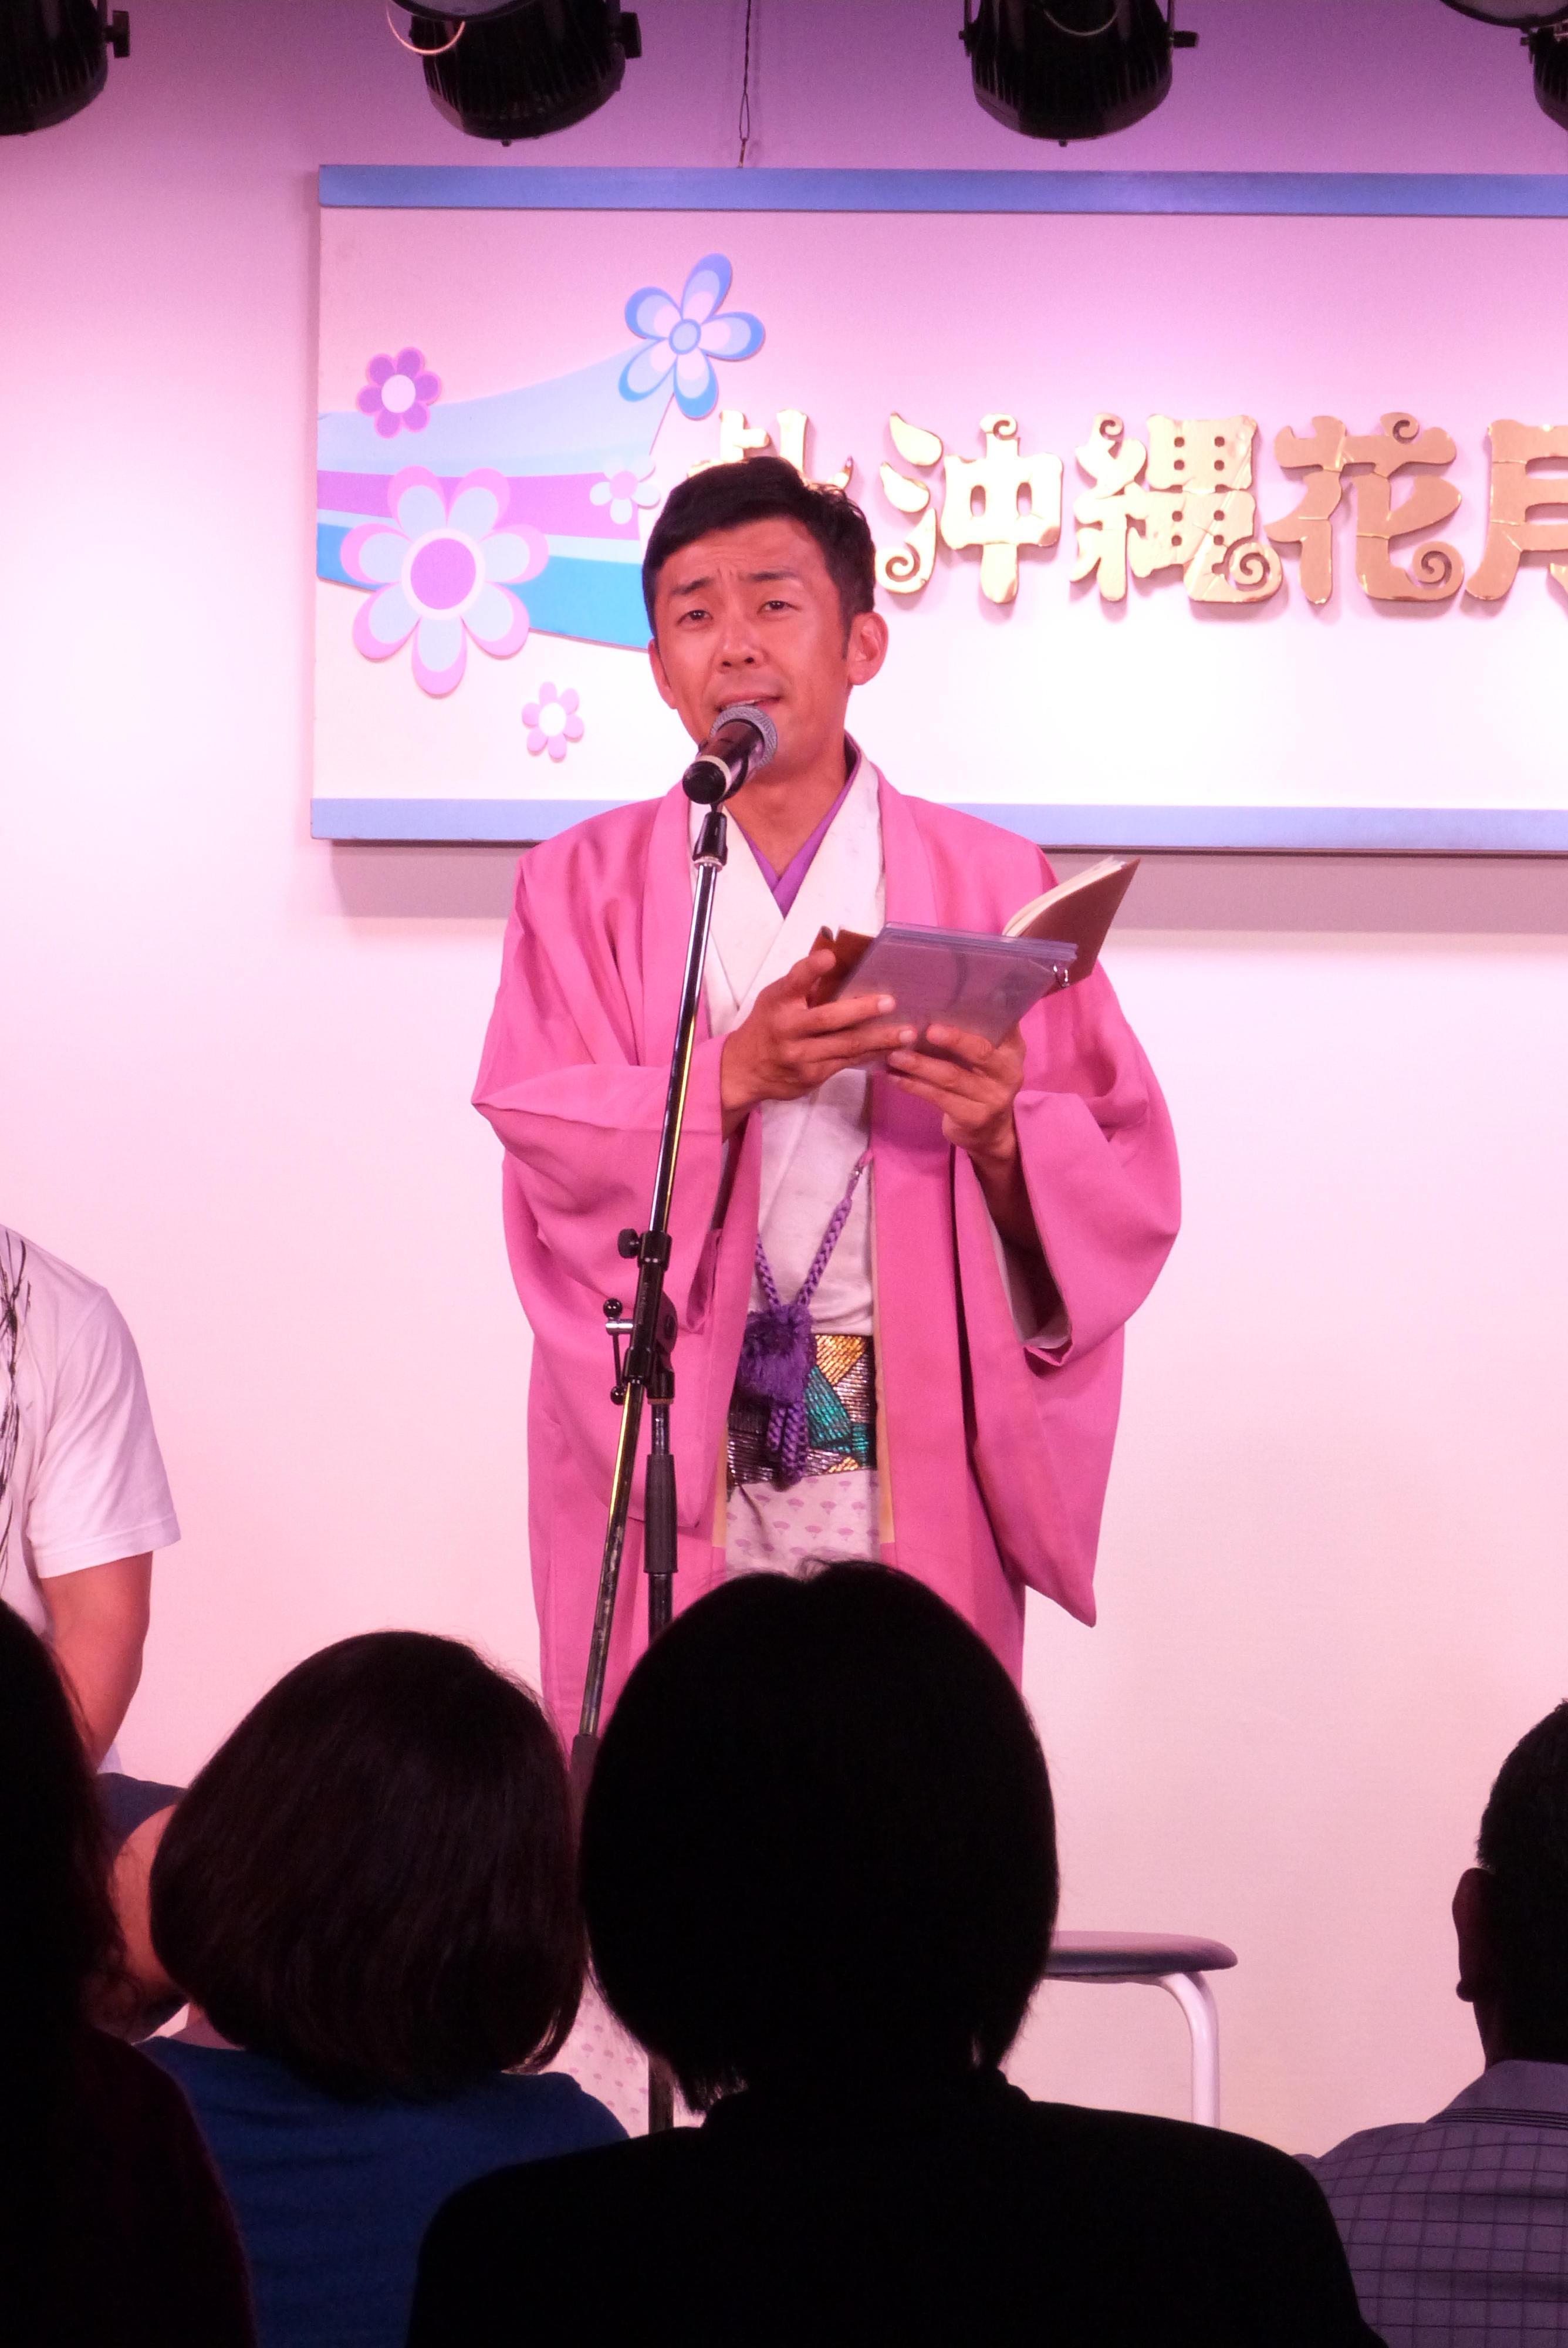 http://news.yoshimoto.co.jp/20180822204003-111fd33d95aa61fbce3465e3a2b57de9186d8377.jpg